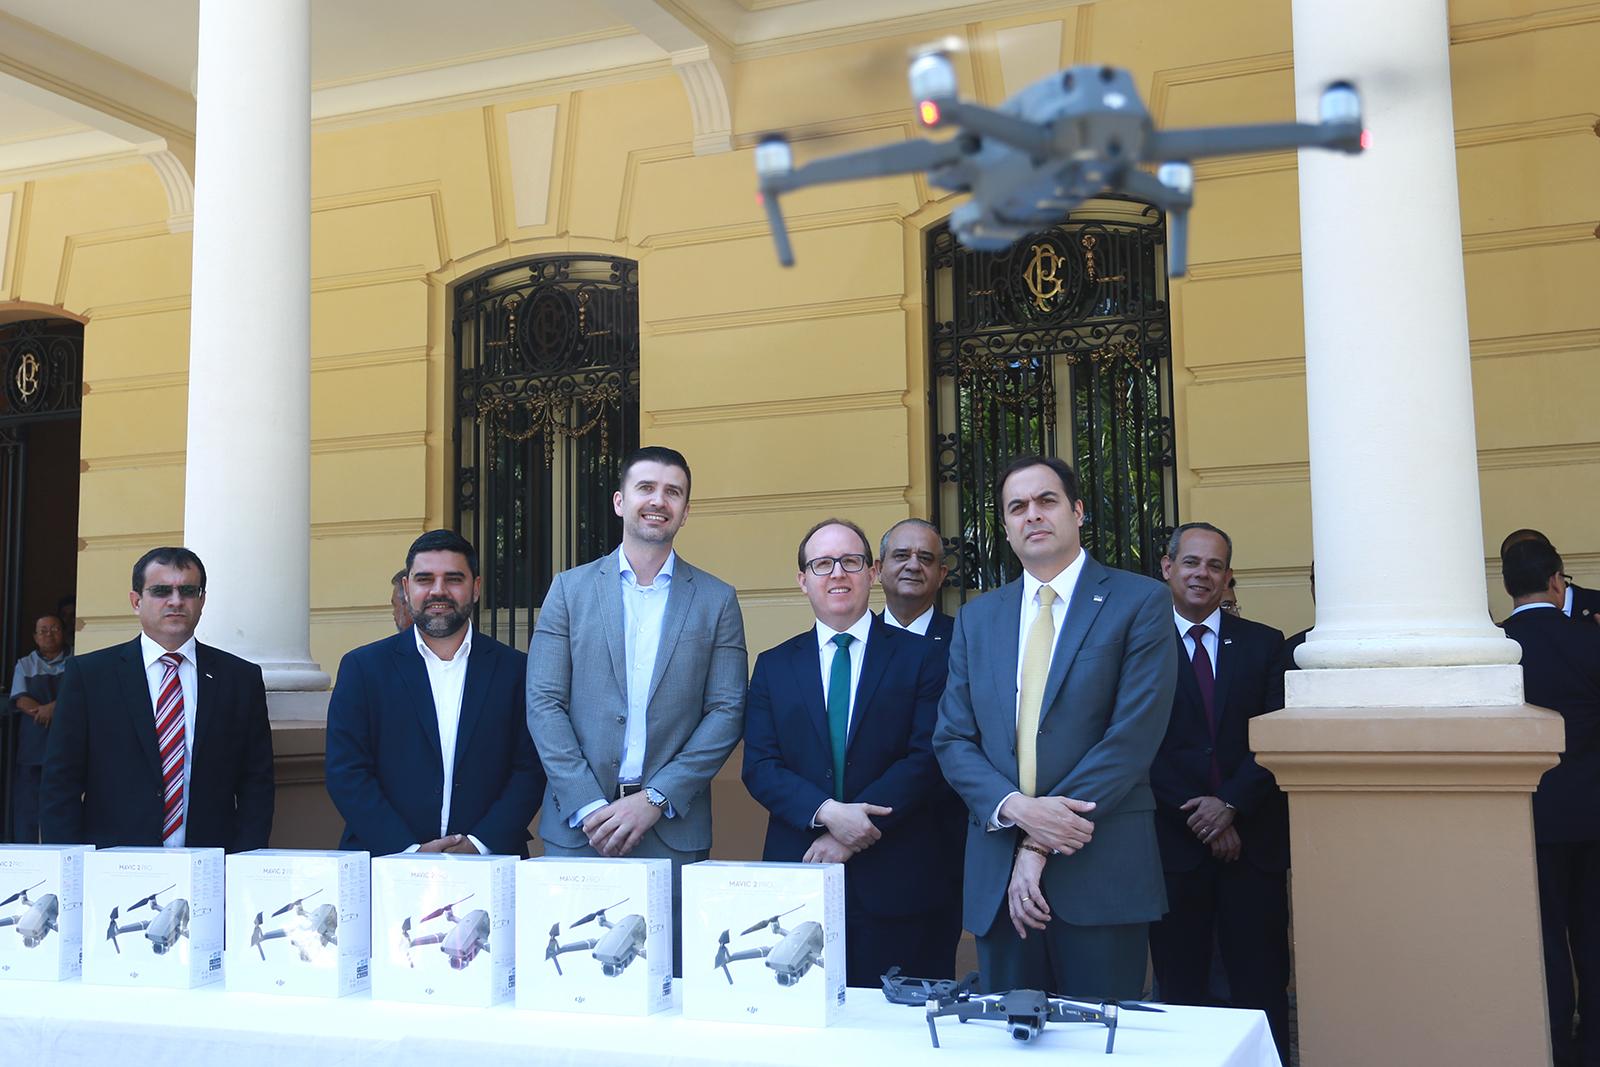 Governador Paulo Câmara recebeu equipamentos da direção do Banco Itaú. Foto: Hélia Scheppa/SEI